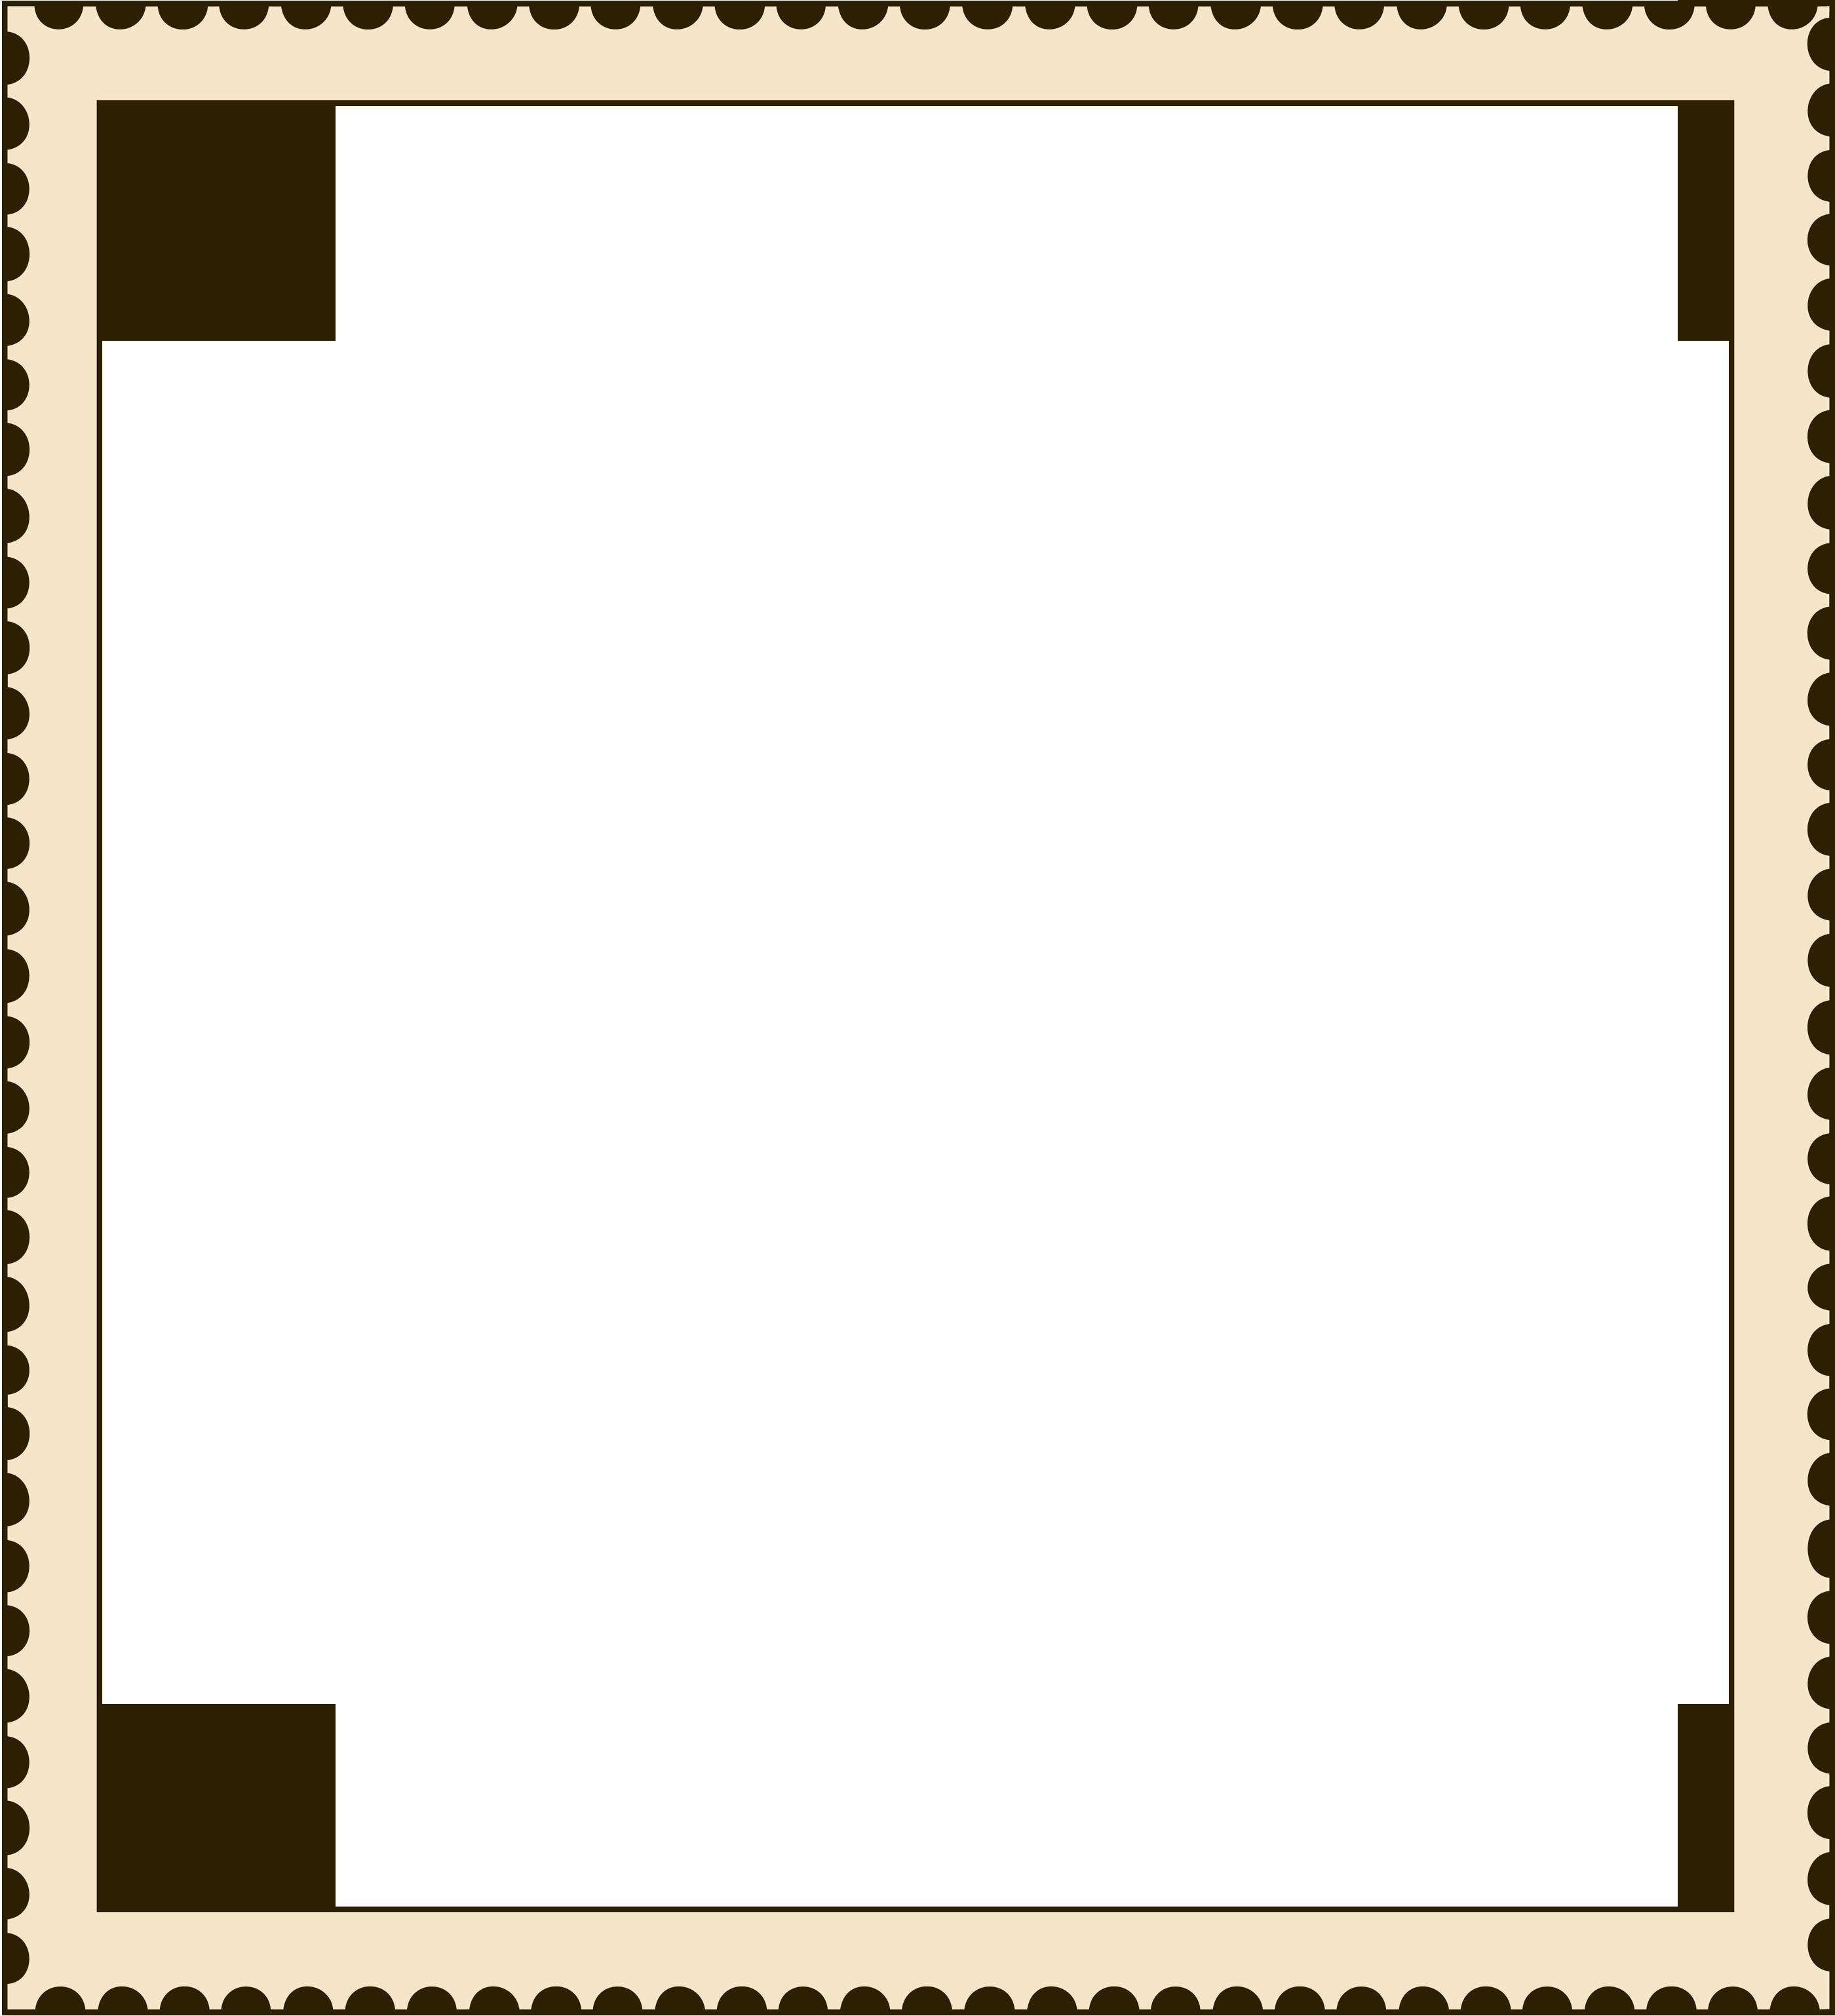 рамки для фотографий тонкие